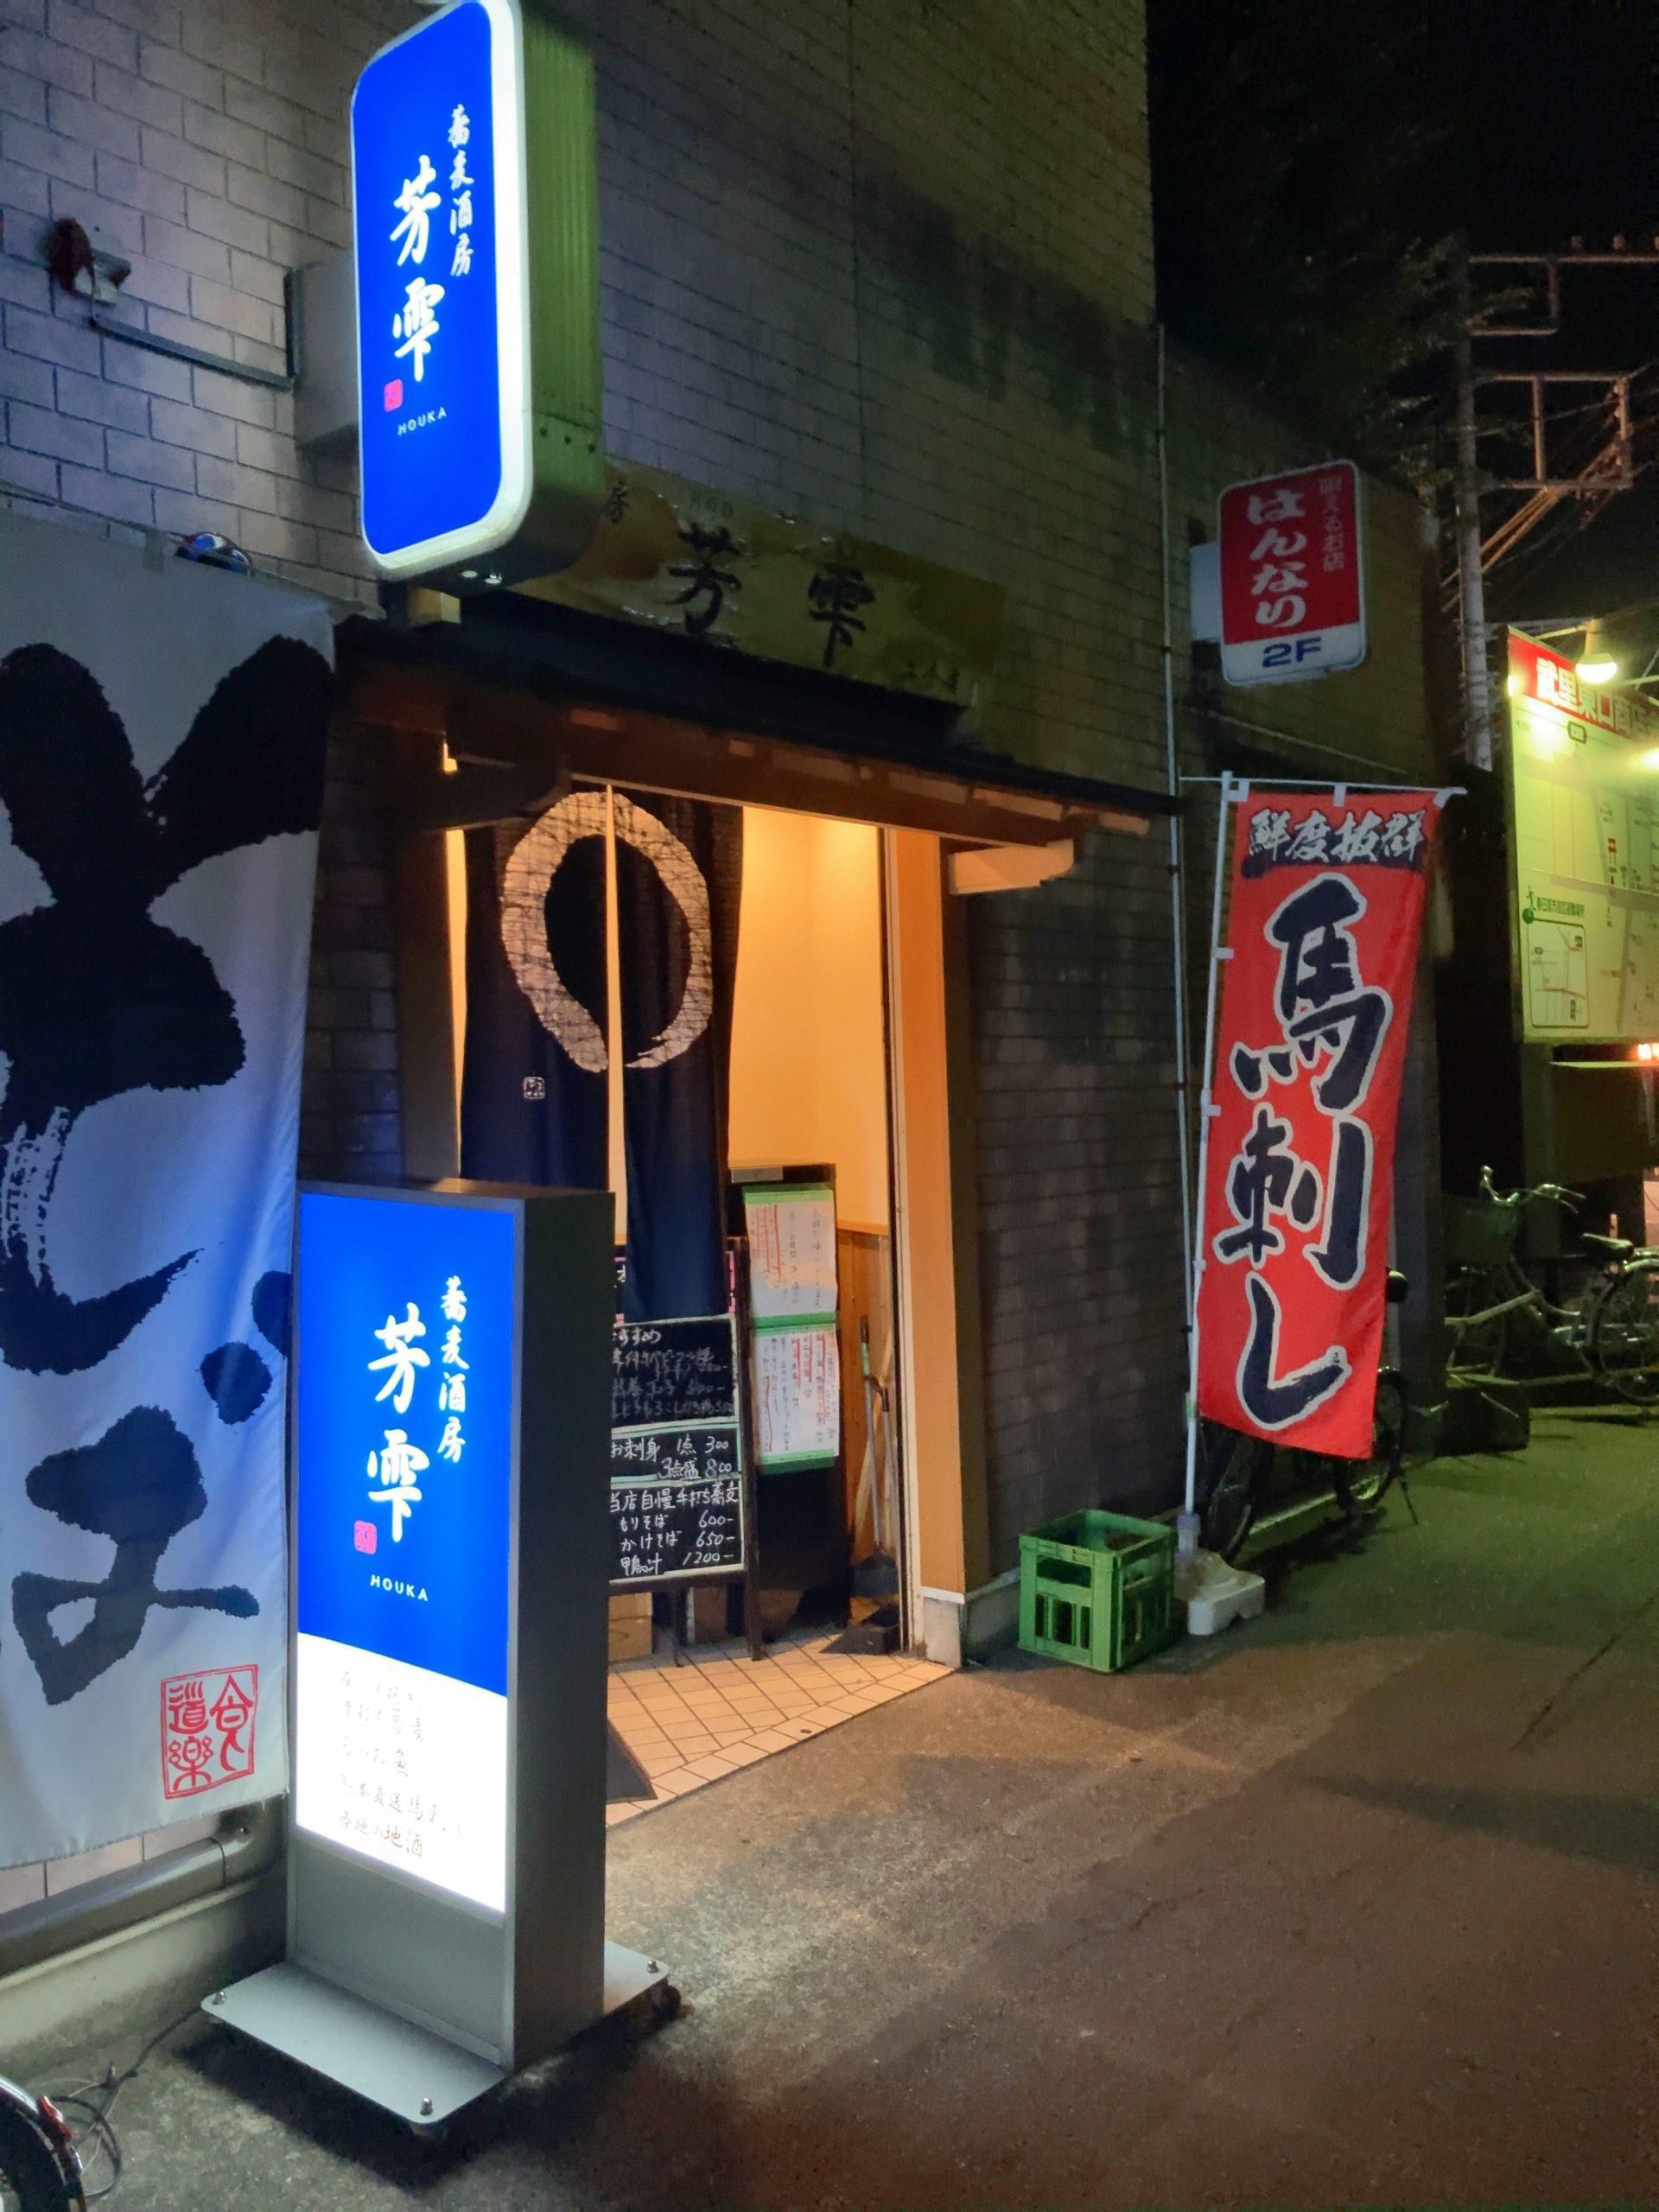 蕎麦酒房 芳雫 二合店(武里店)